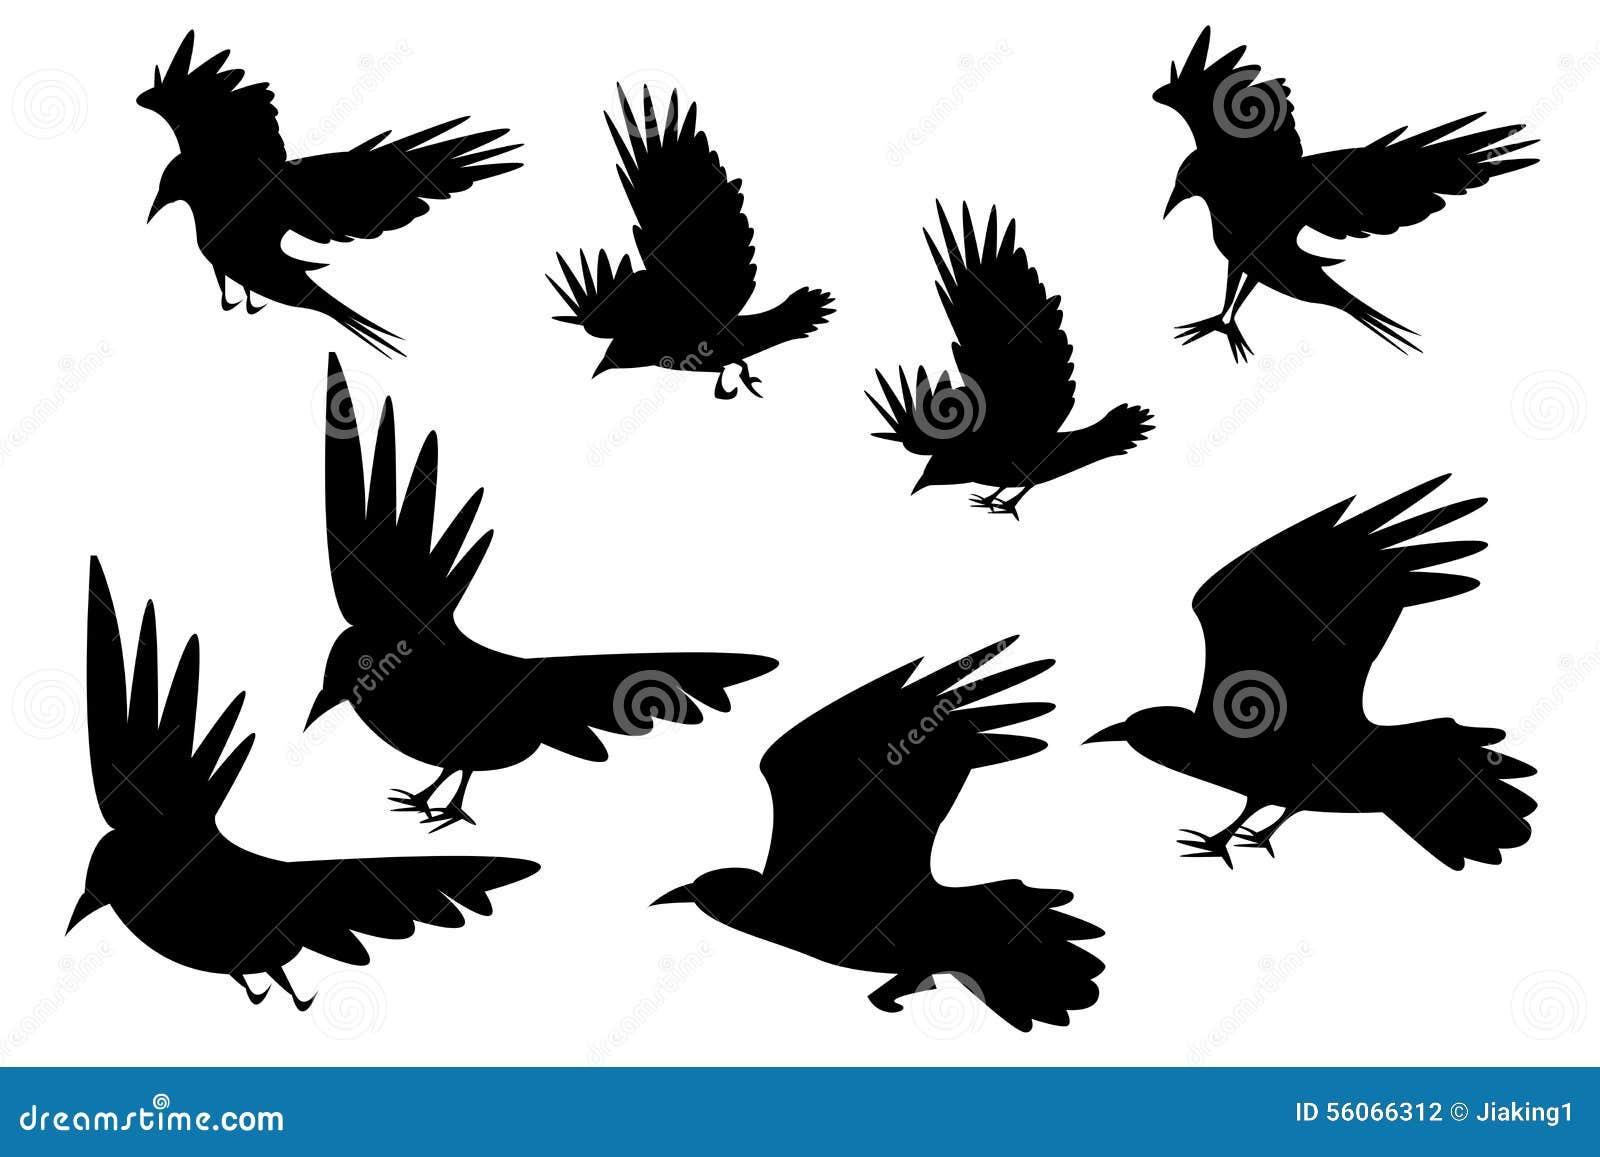 Ravens Flying Silhouette